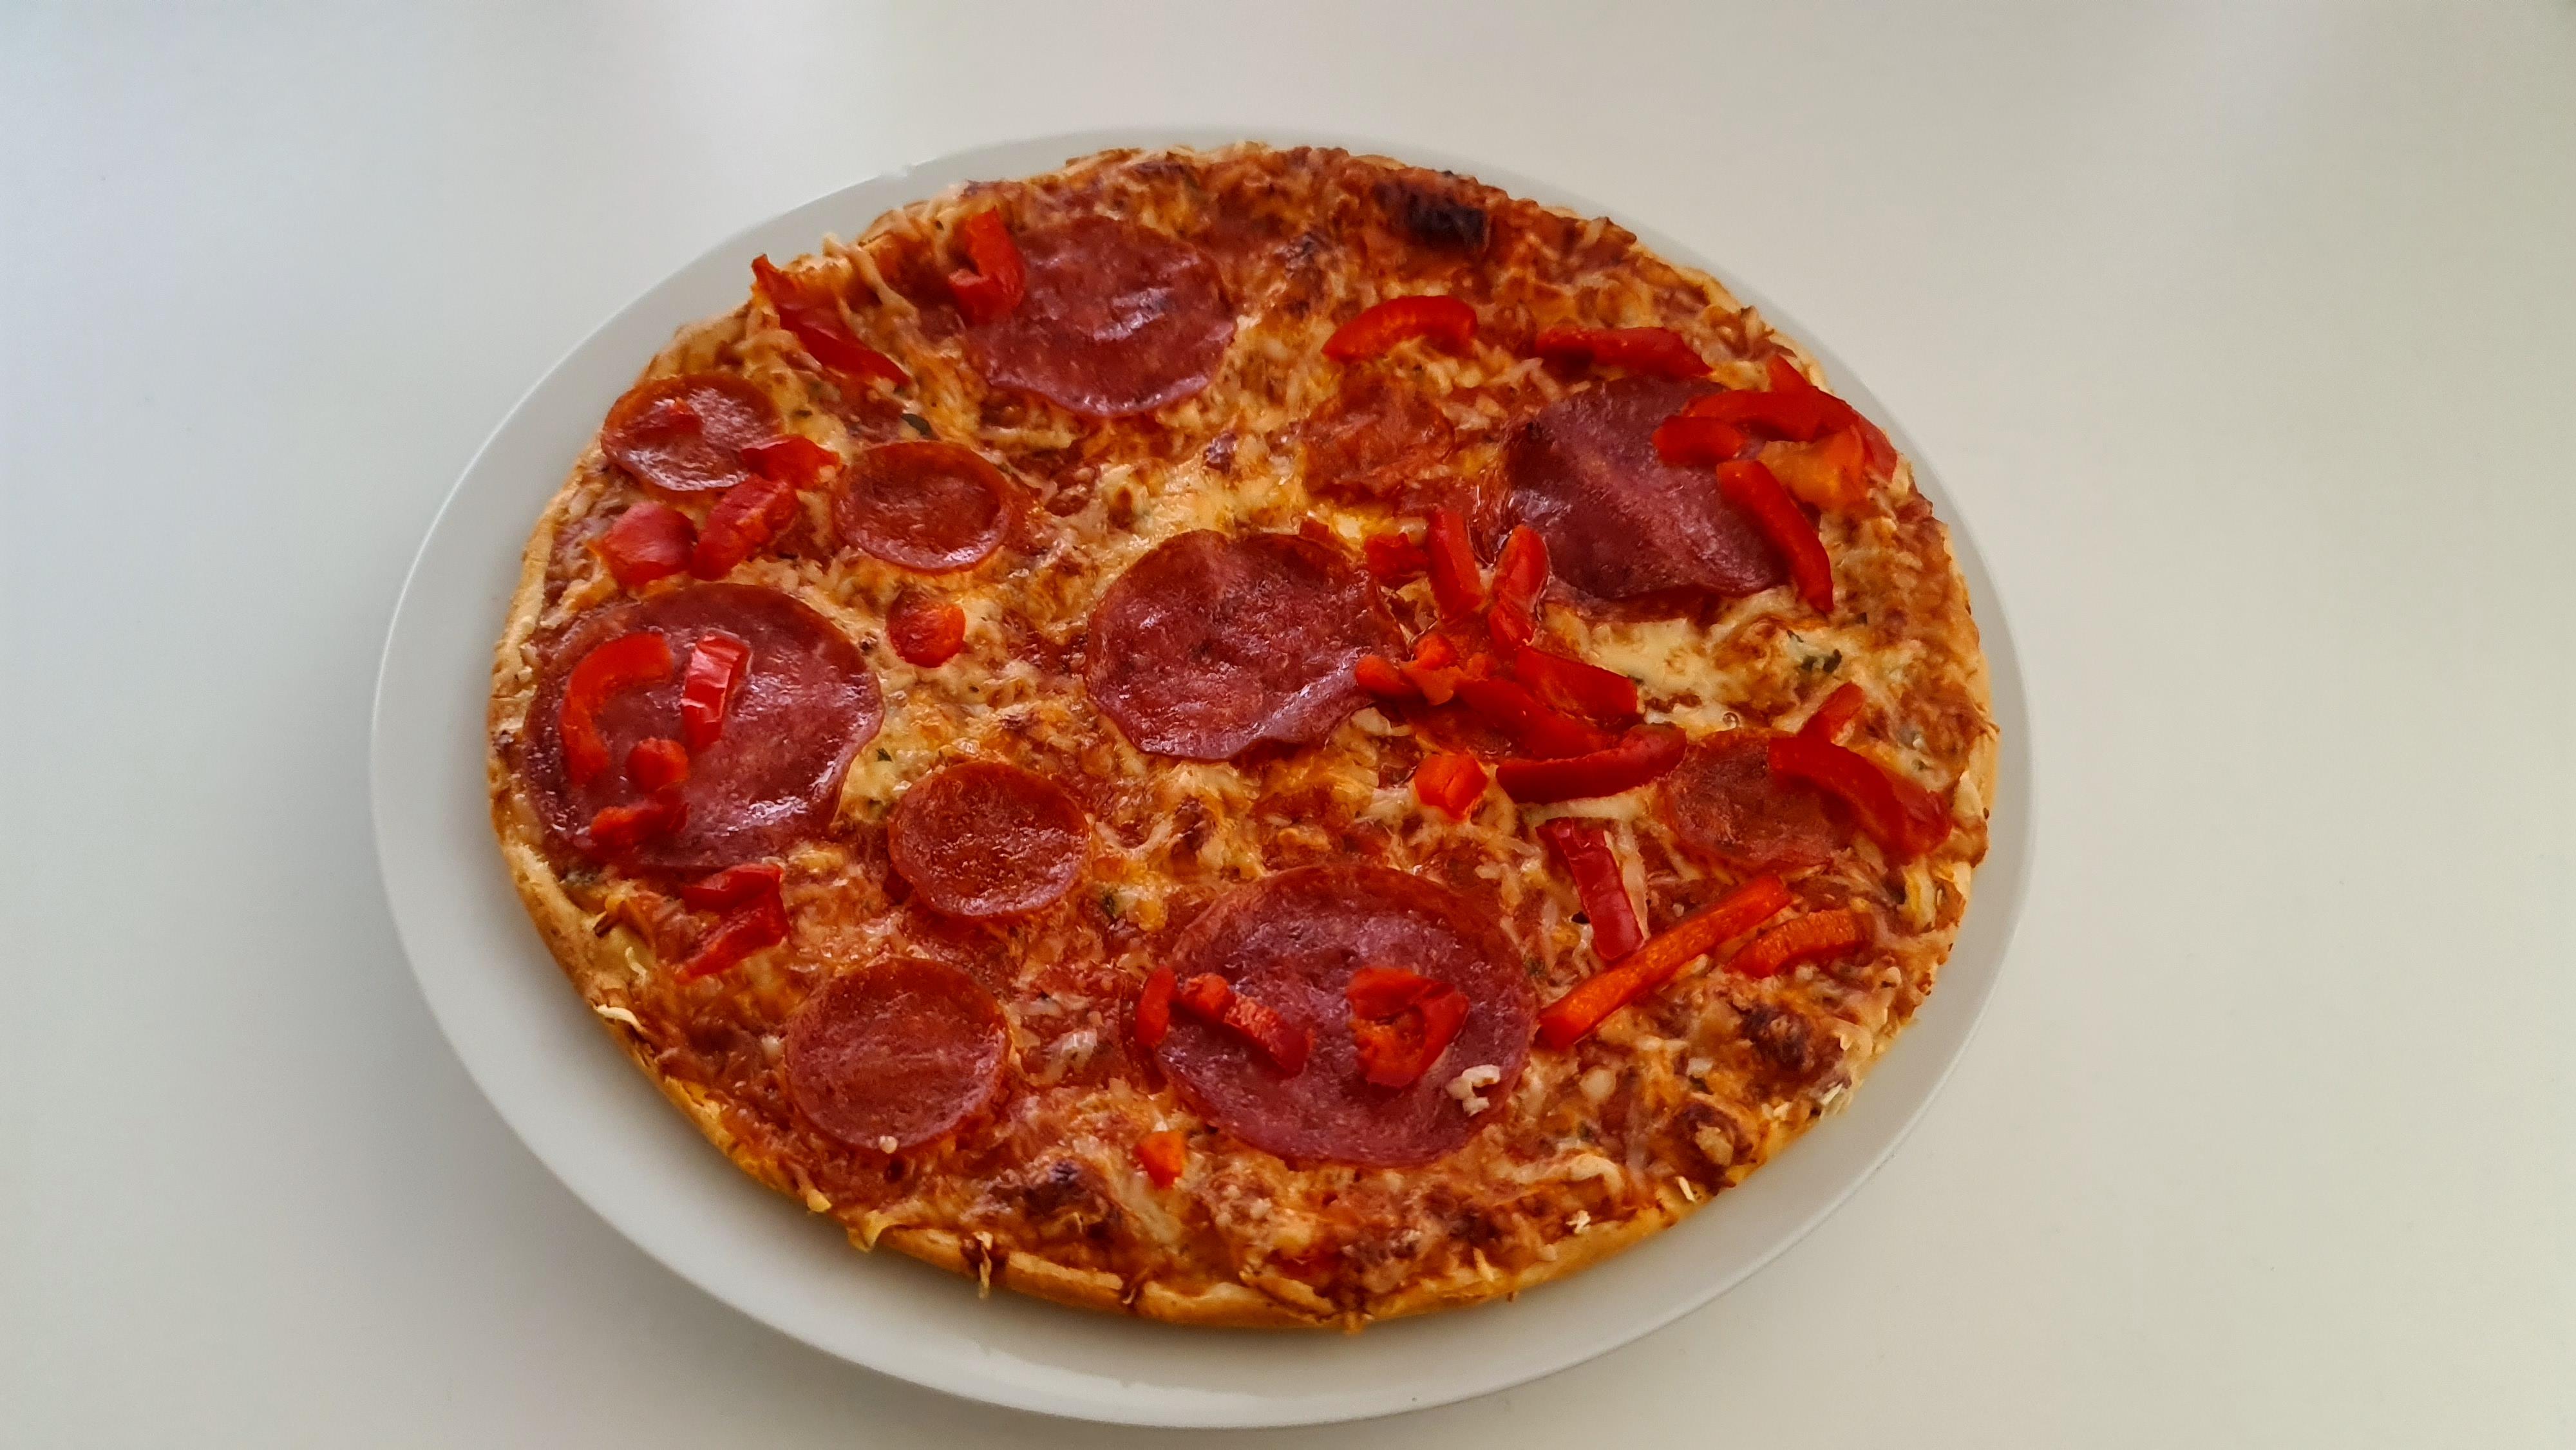 https://foodloader.net/Holz_2020-11-03_Pizza.jpg